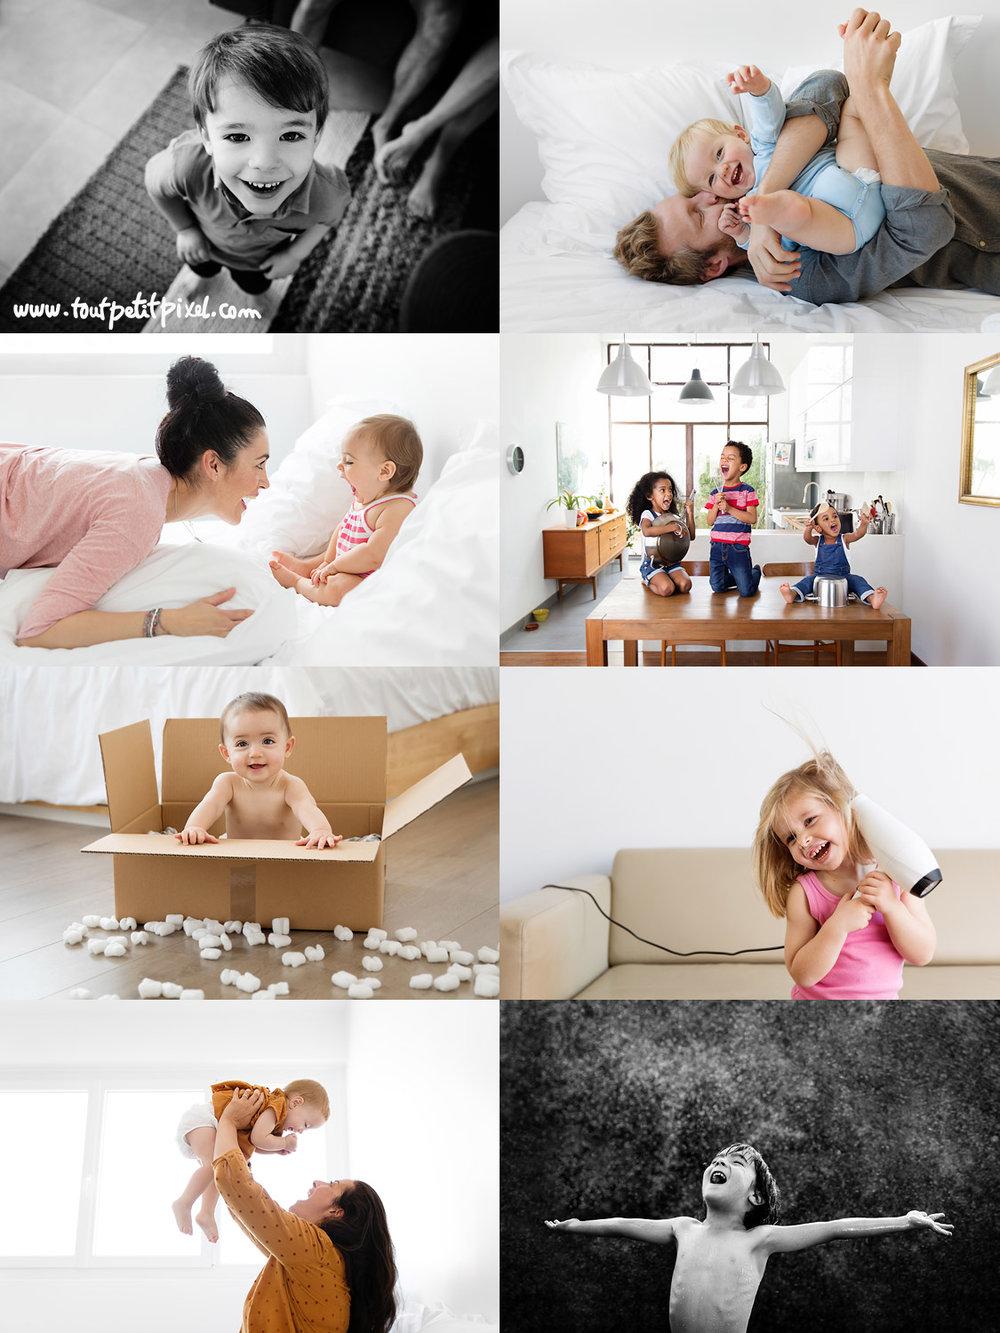 photographe-enfant-bebe-famille.jpg